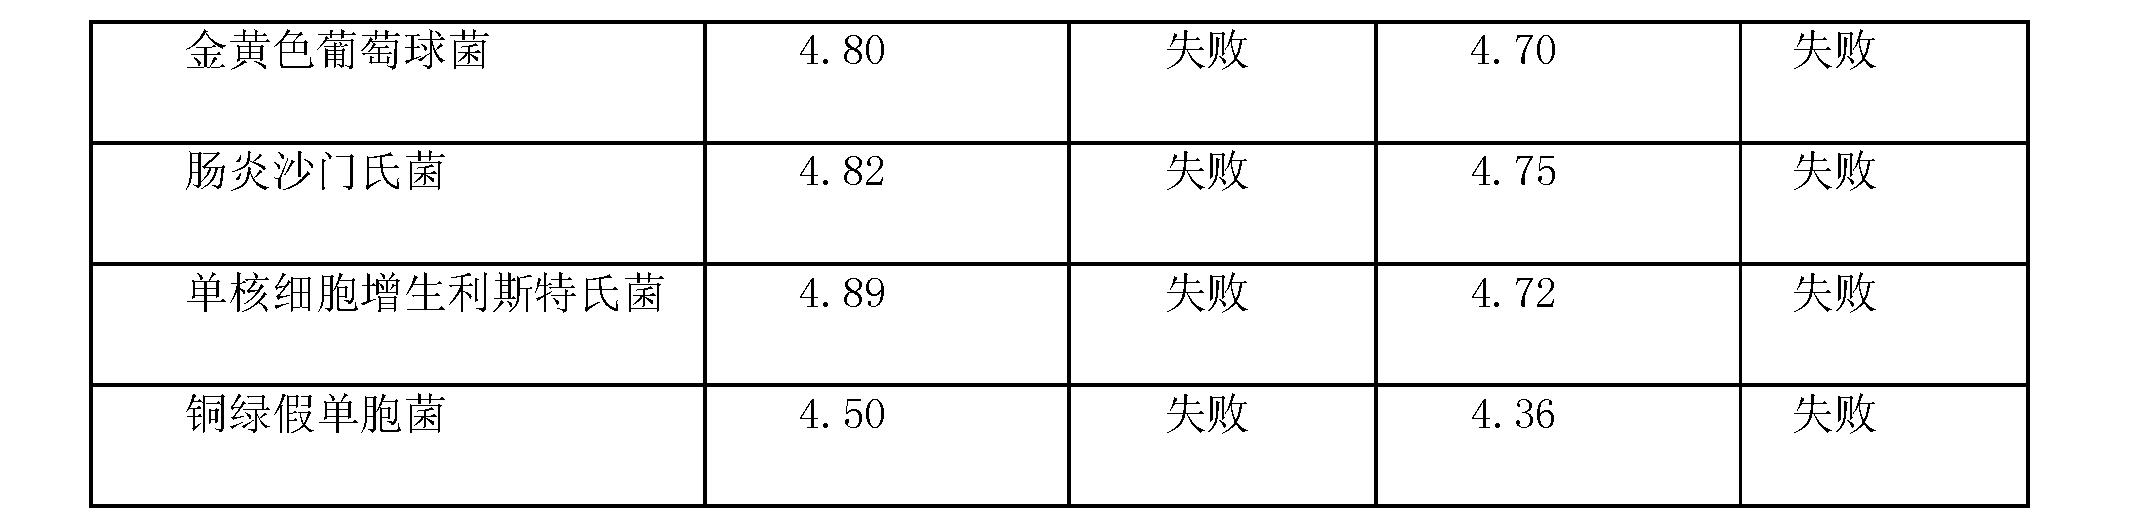 Figure CN1961666BD00271